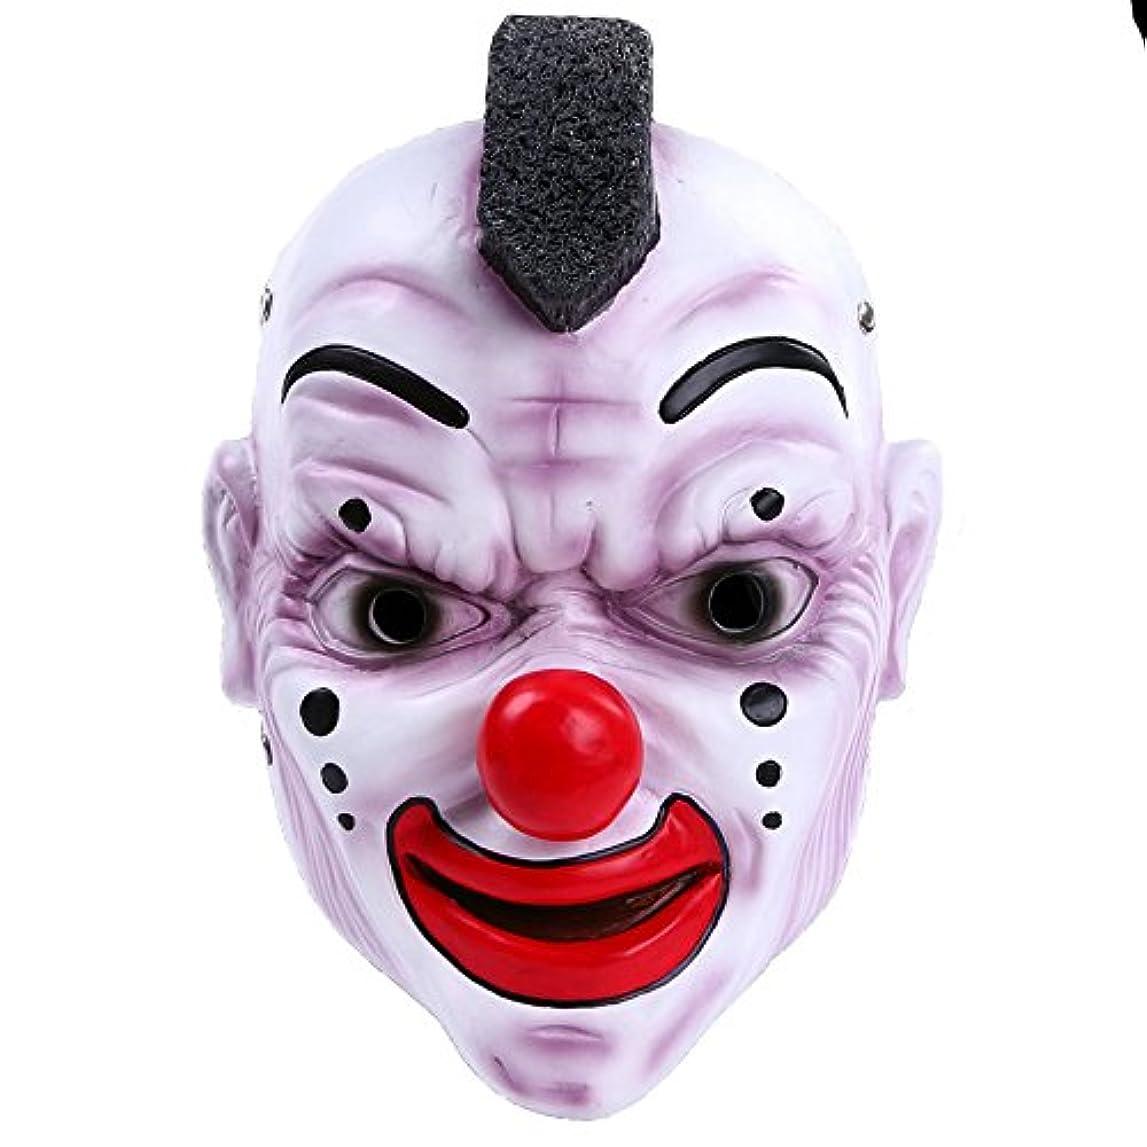 折スキル積分ハロウィンバーパーティーマスクスカルバンドマスク赤い鼻ピエロマスク樹脂工芸品マスク